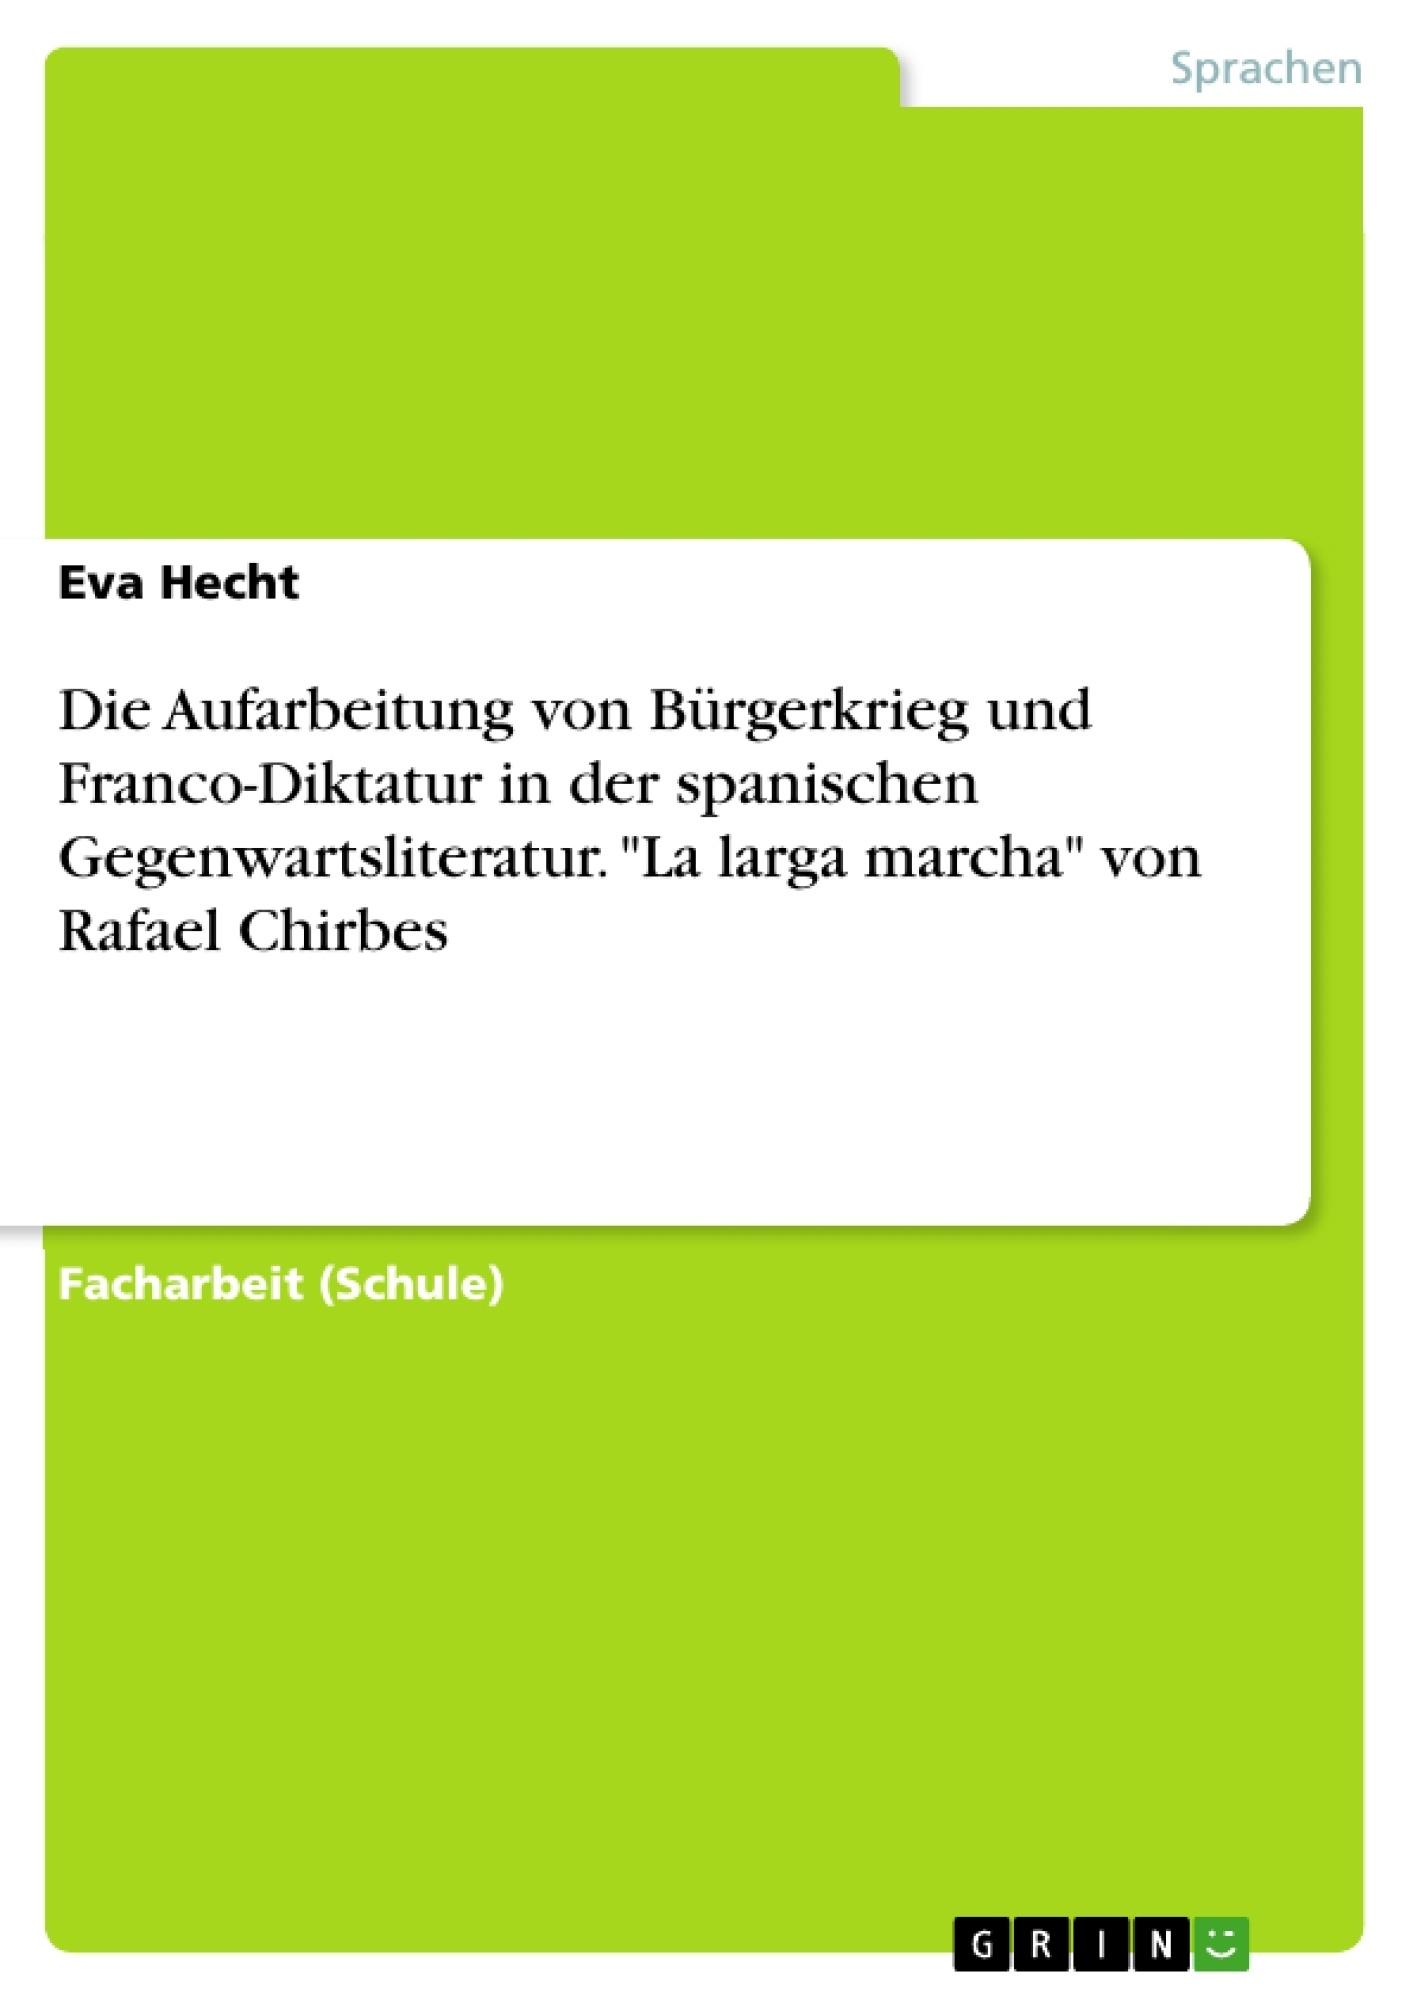 """Titel: Die Aufarbeitung von Bürgerkrieg und Franco-Diktatur in der spanischen Gegenwartsliteratur. """"La larga marcha"""" von Rafael Chirbes"""